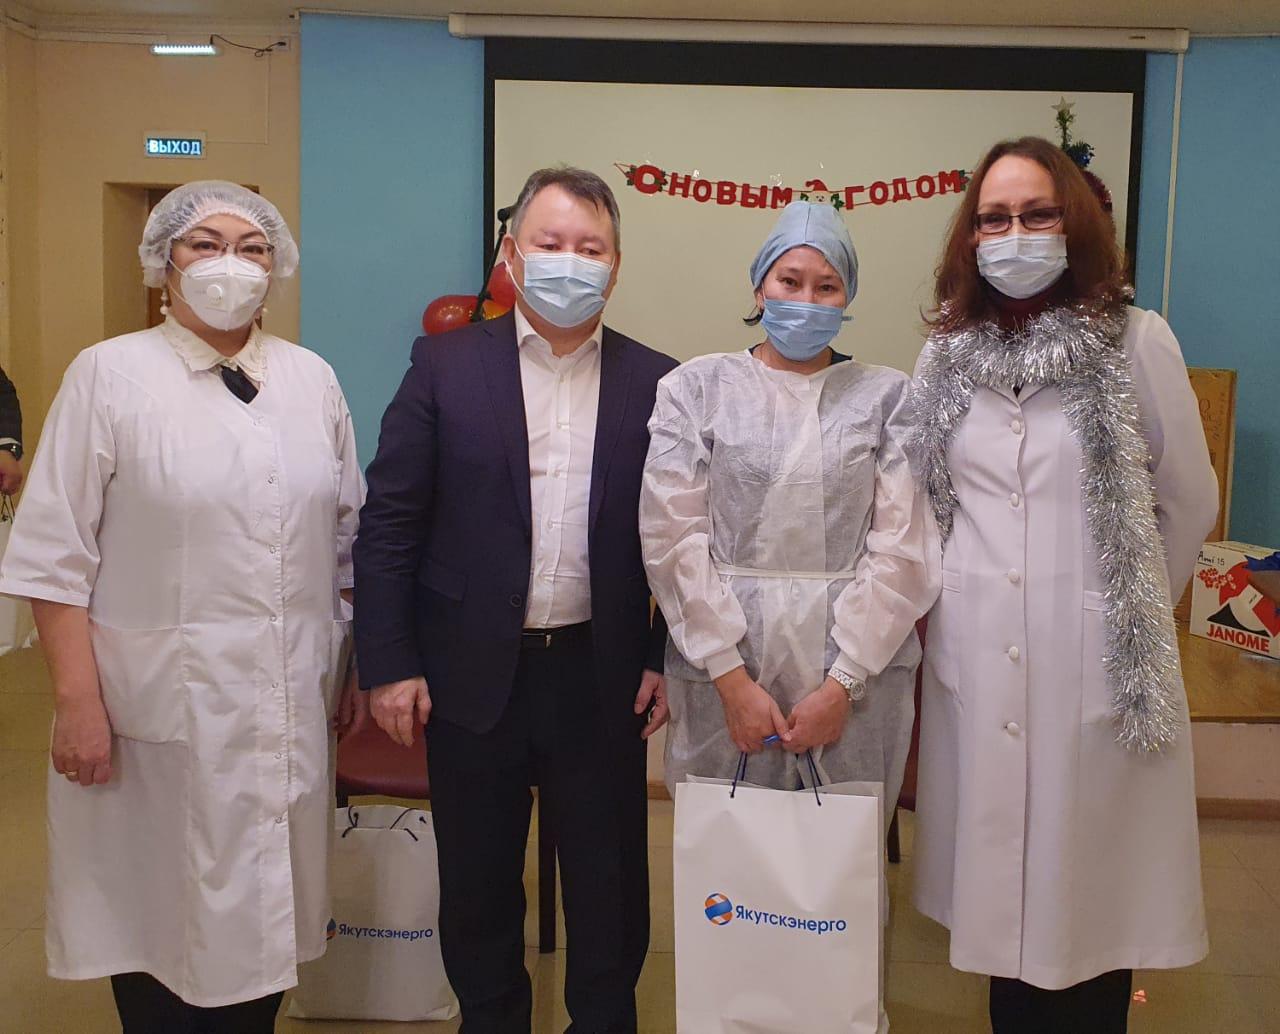 «Якутскэнерго» подарил врачам РКБ №3 электронные планшеты для работы